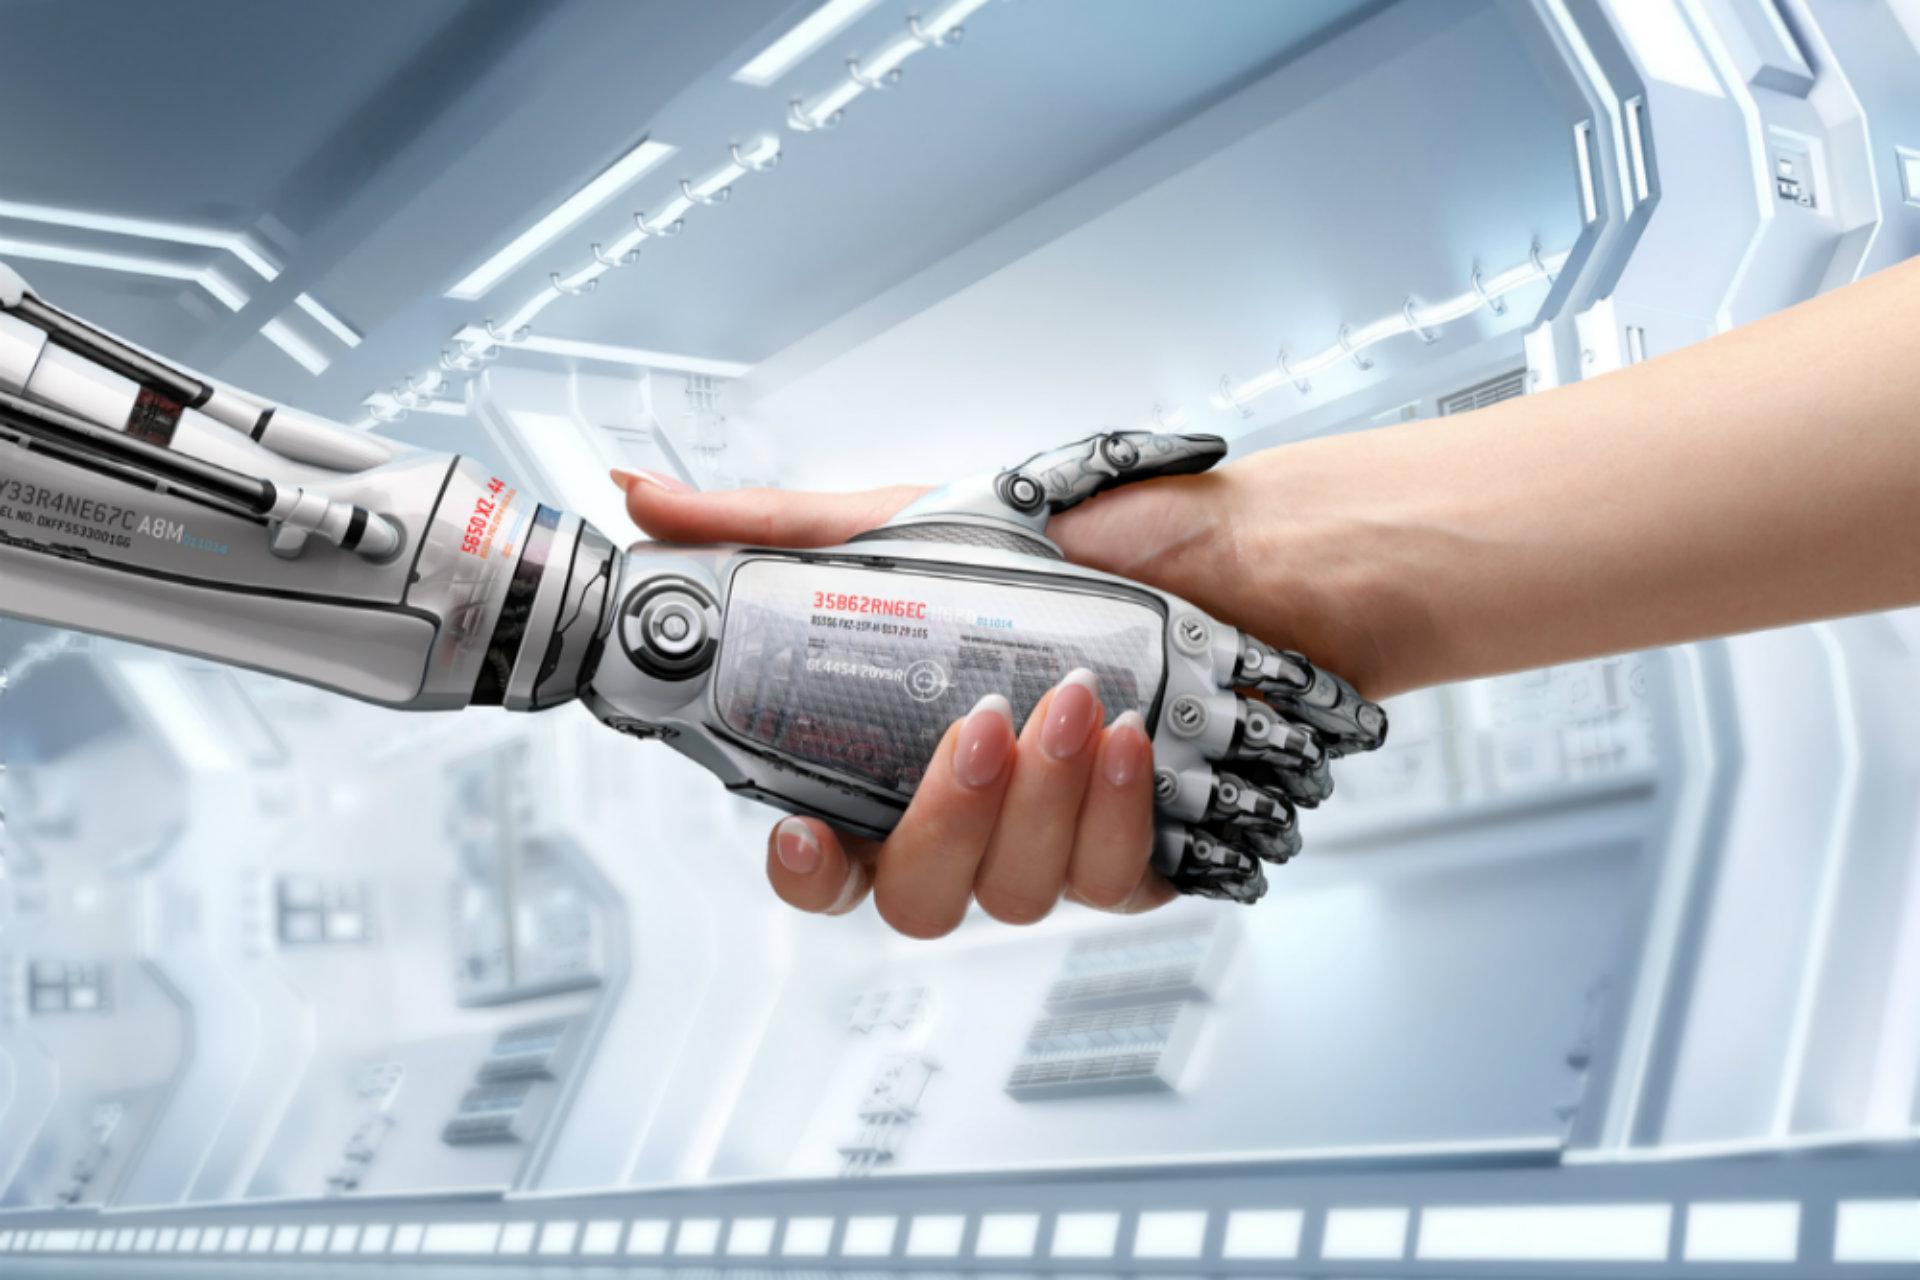 妳的工作, 5 年後會不會被機器人取代?